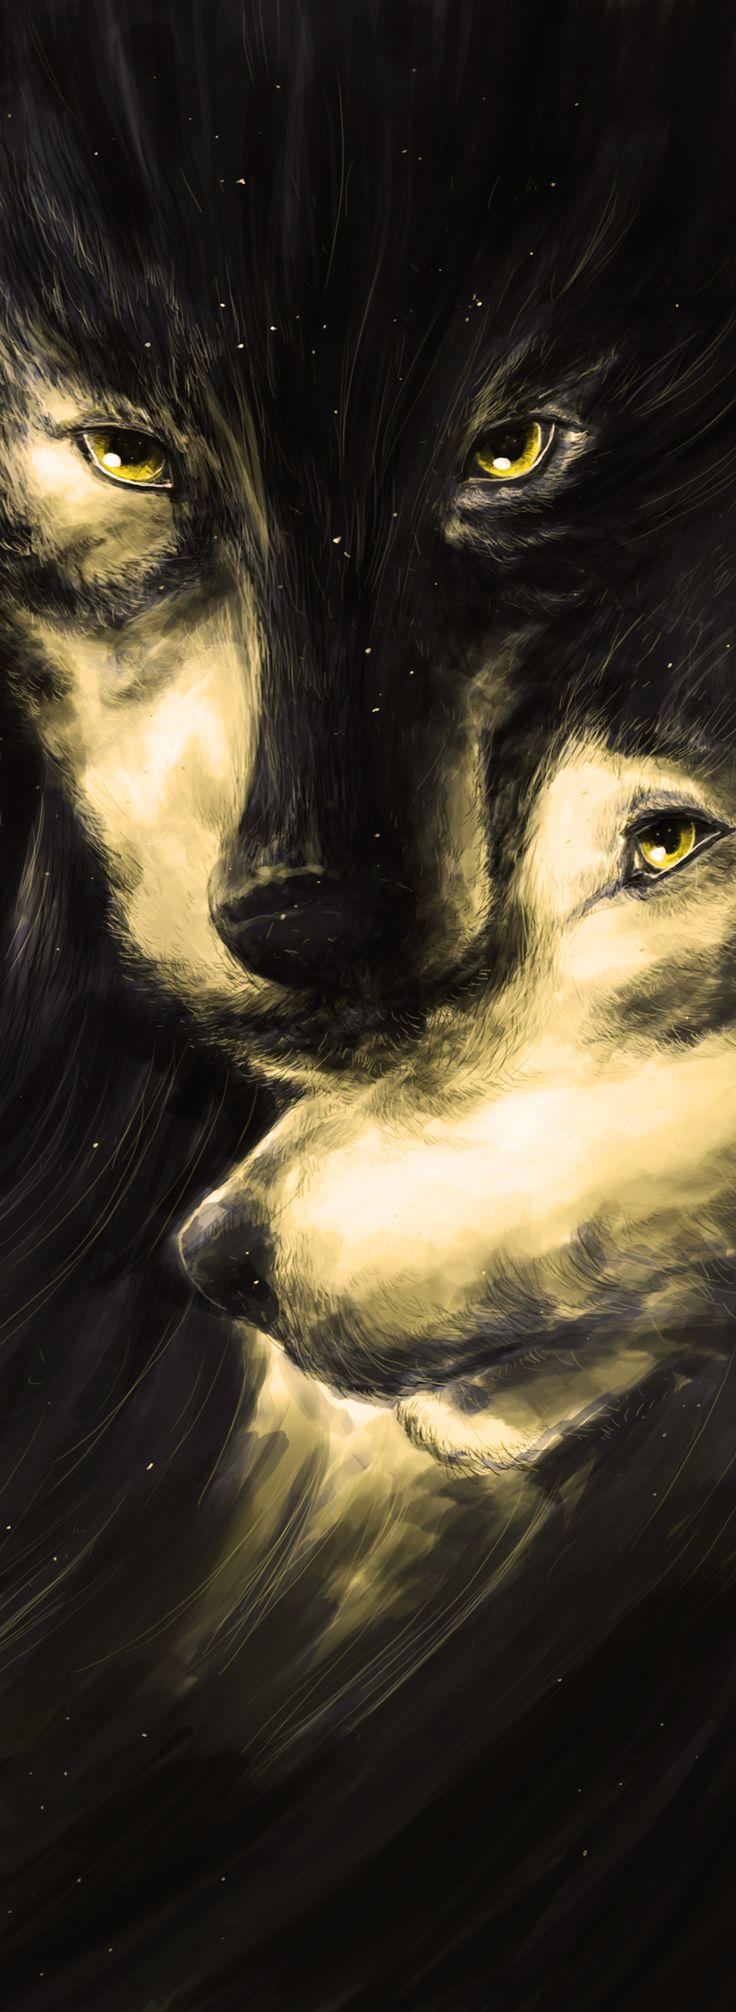 The Wolves by Alexander Fechner - https://www.etsy.com/de/listing/501988875/the-wolves-strong-love-family-digital https://www.etsy.com